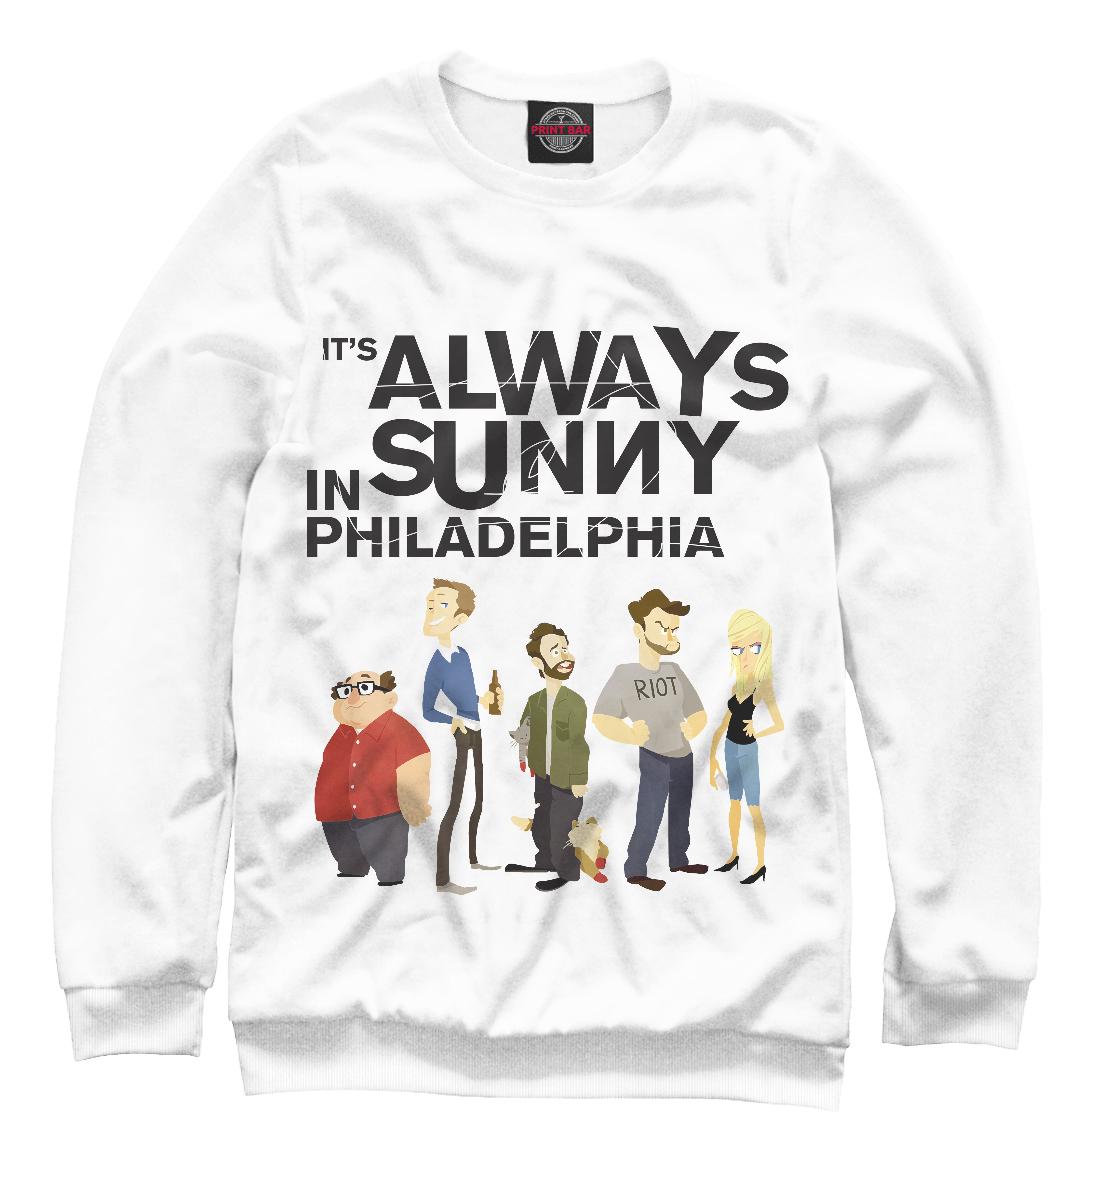 Купить В Филадельфии всегда солнечно, Printbar, Свитшоты, SOT-367850-swi-2